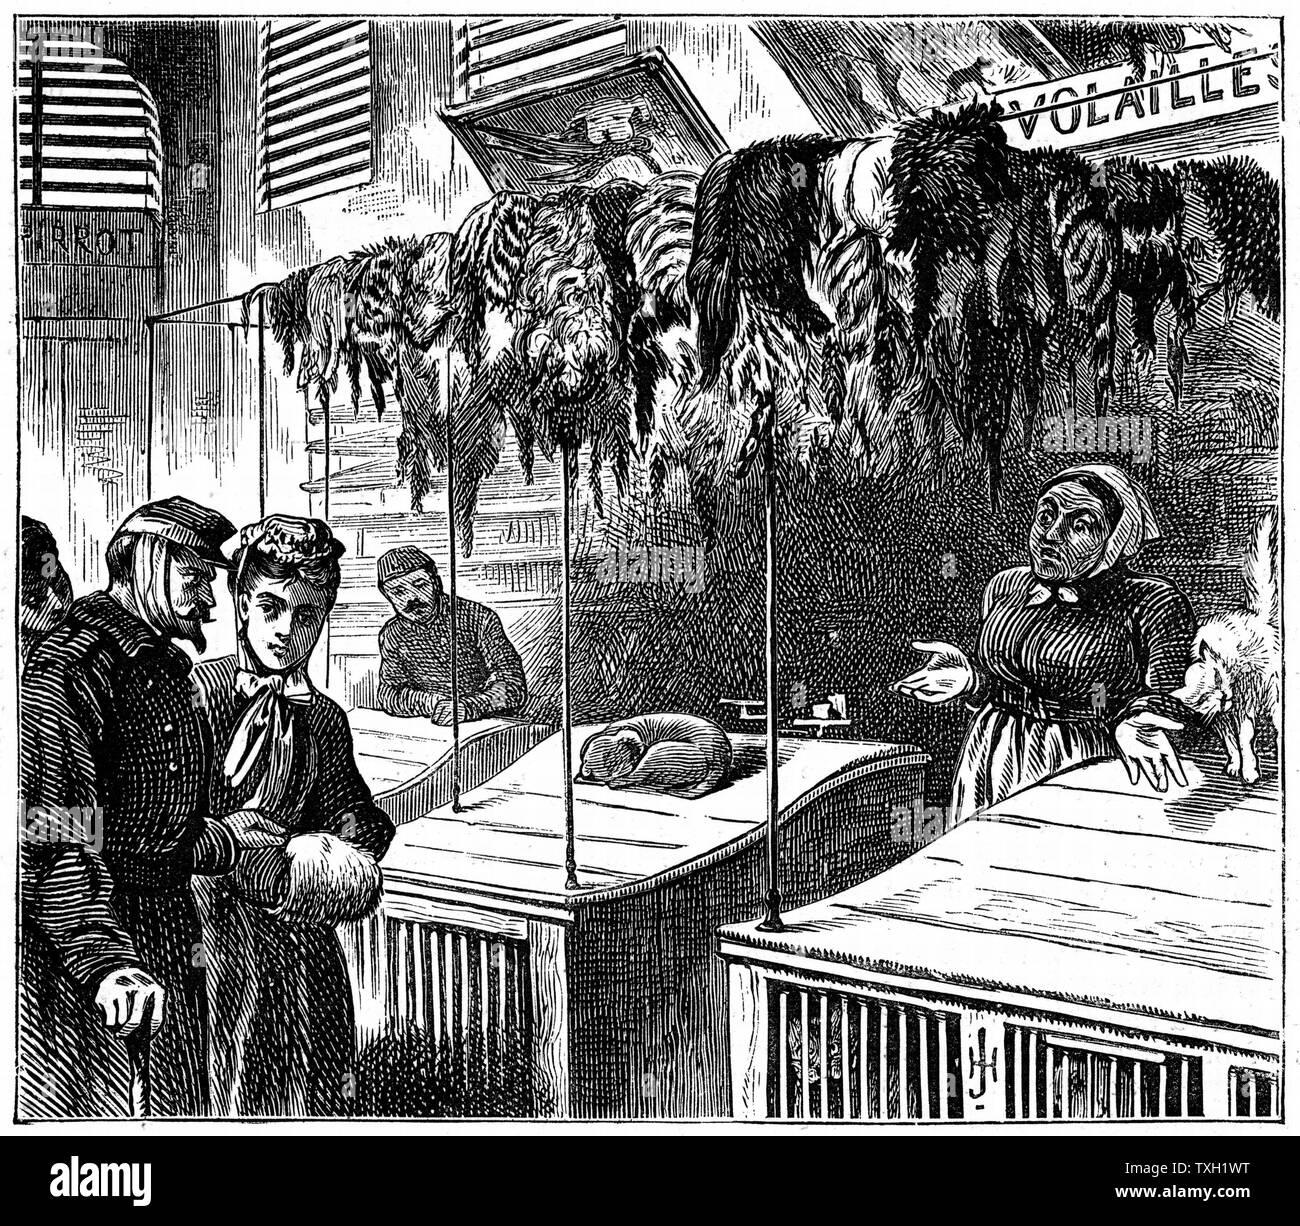 """Guerre franco-prussienne de 1870-1871: Siège de Paris Septembre 1870 à fin janvier 1871. Un marché à Paris: """"Nous n'avons pas plus que cela, Sir'. Illustration à partir du graphique, Londres, 15 février 1871. Gravure Banque D'Images"""